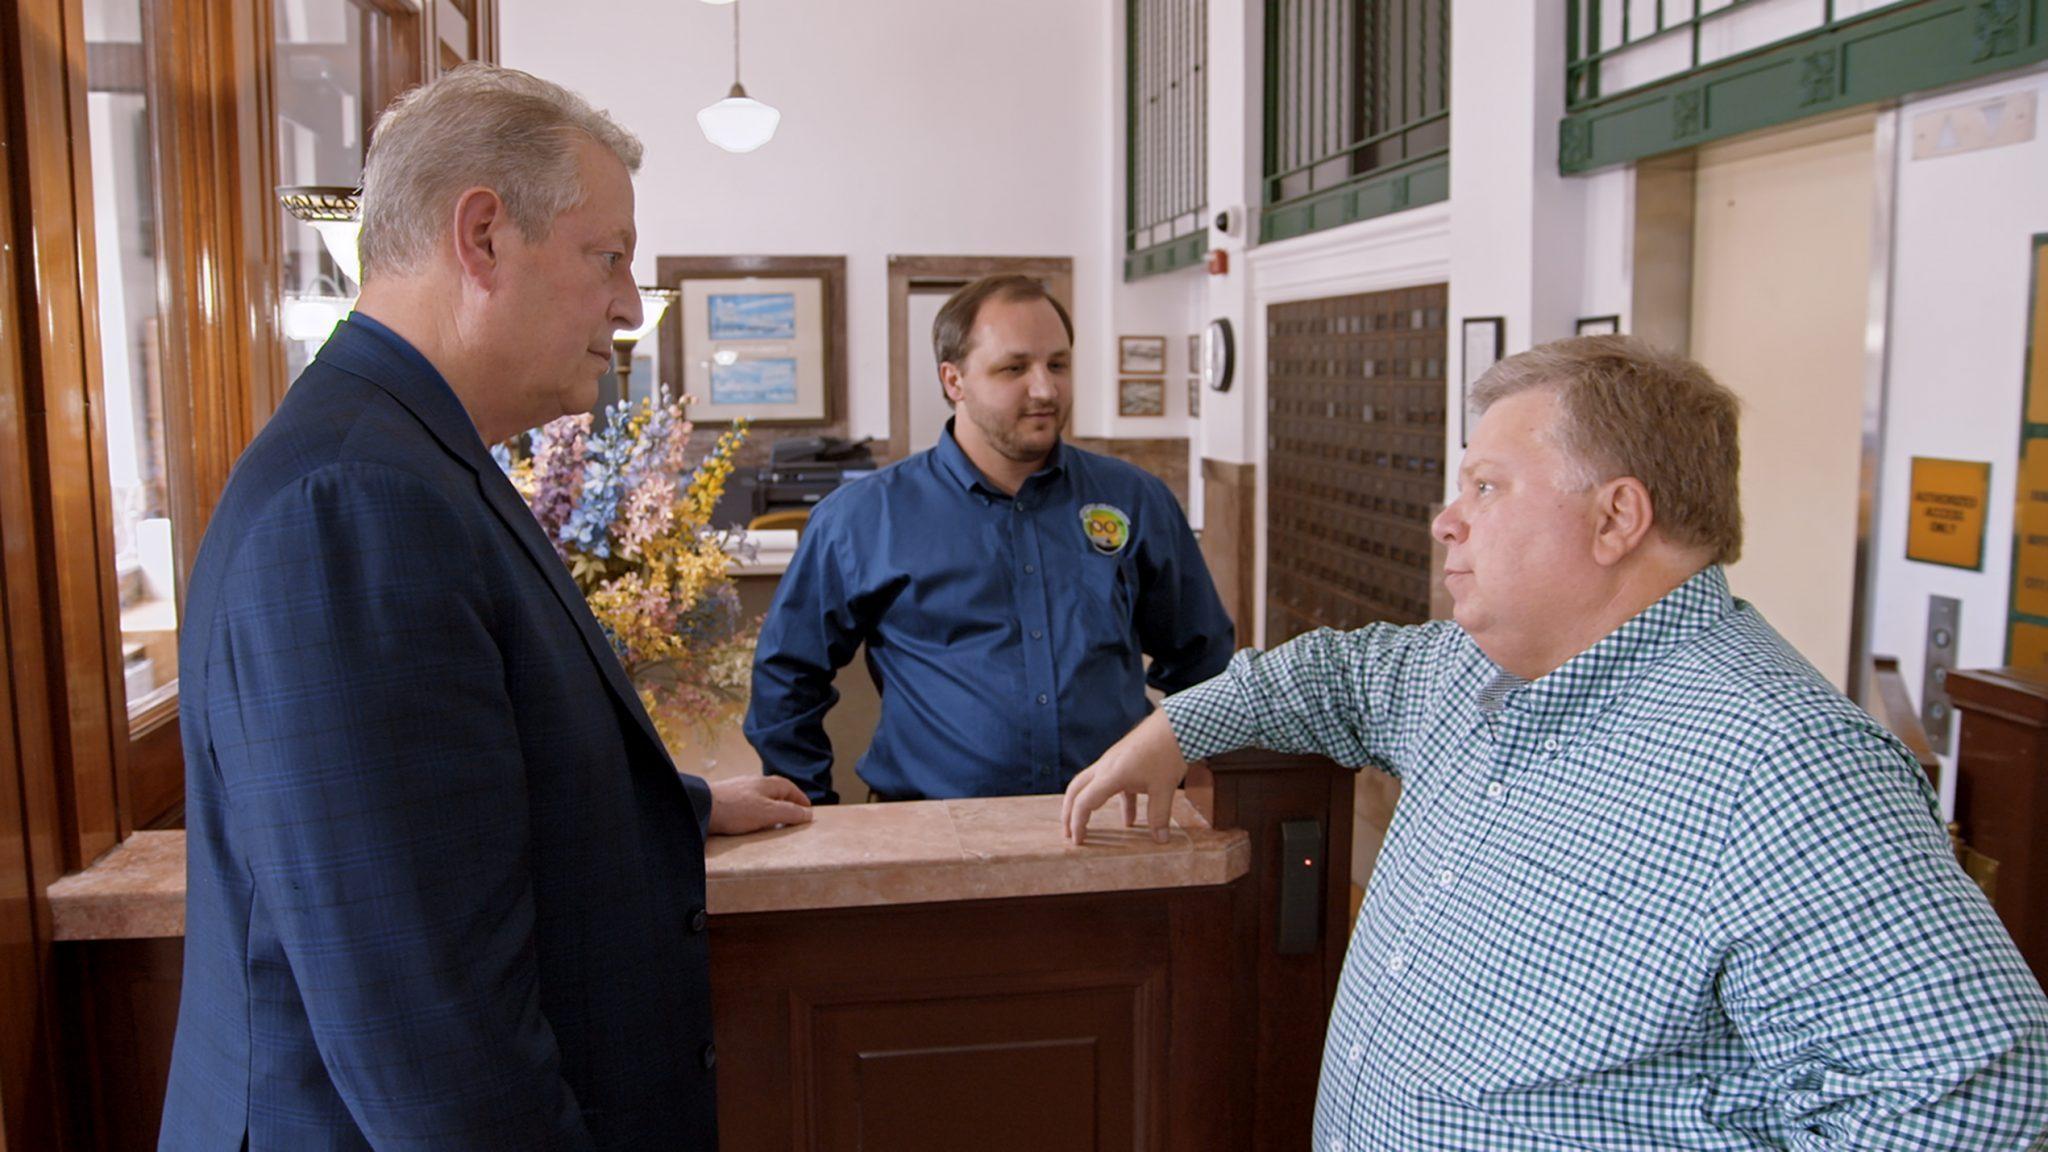 Une suite qui dérange critique film Al Gore